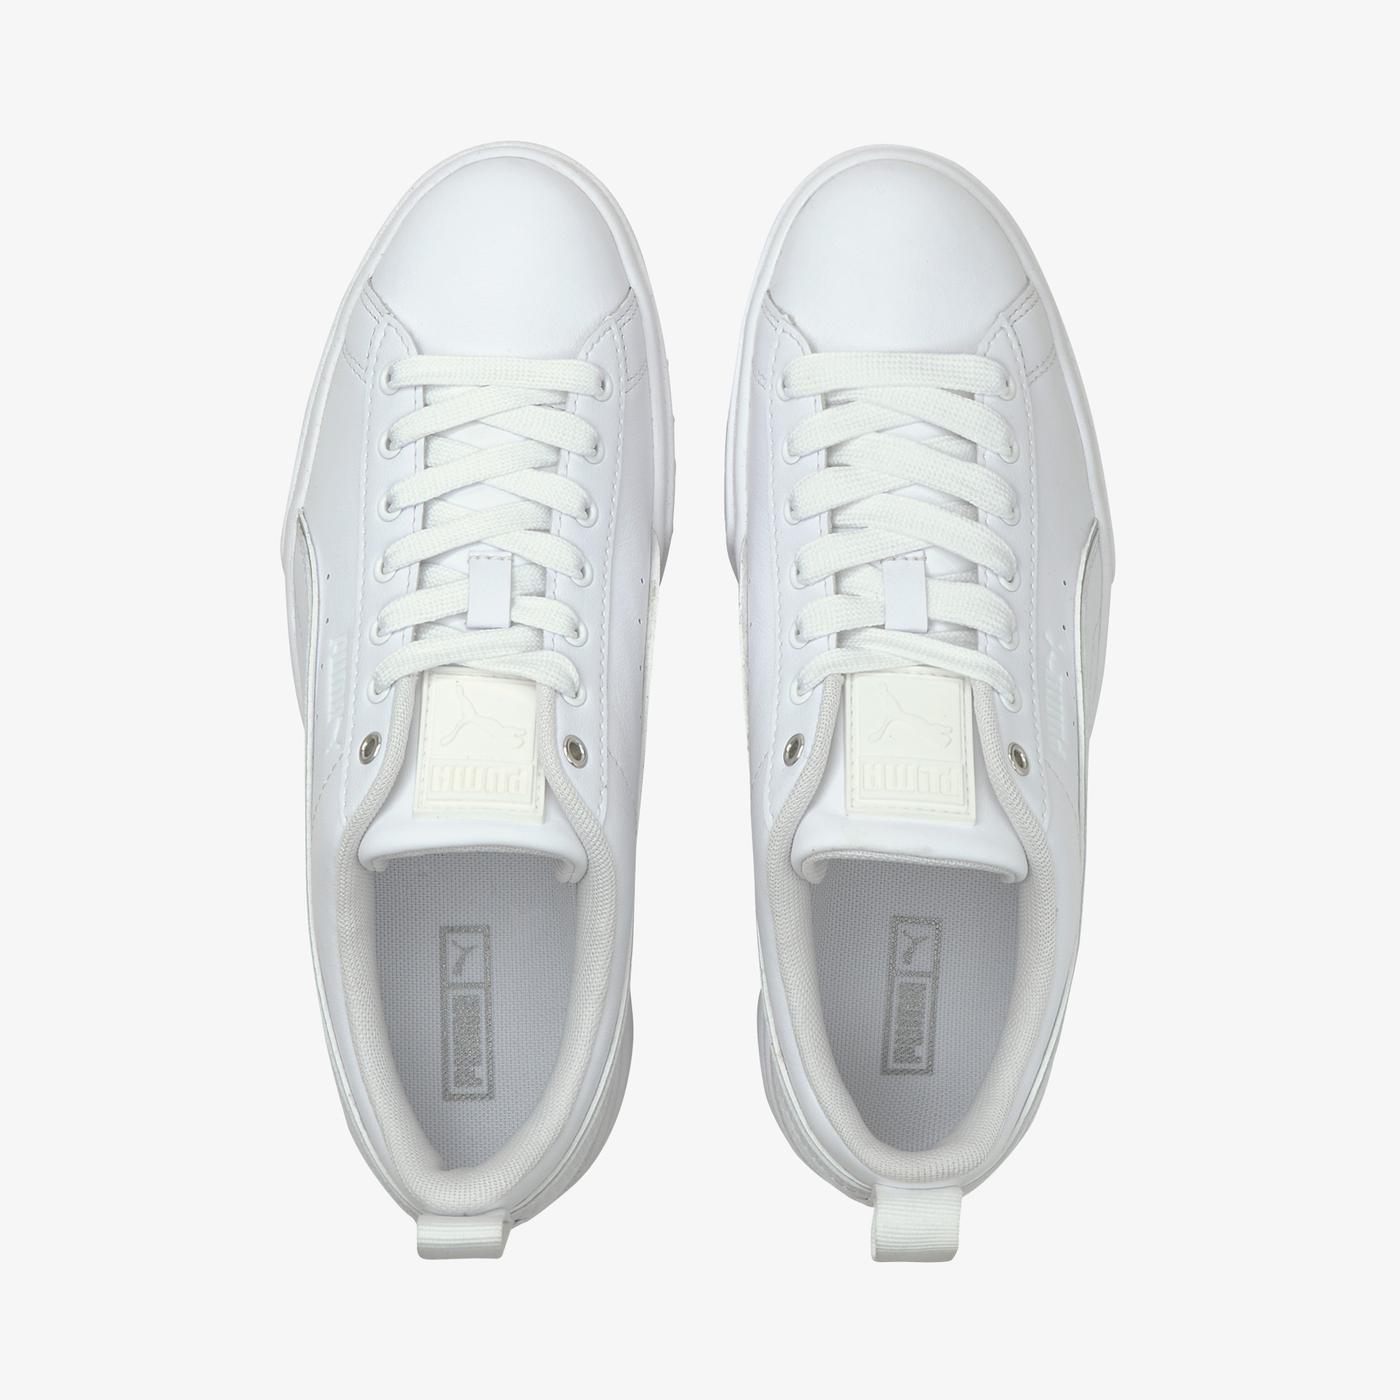 Puma Mayze Kadın Beyaz Spor Ayakkabı